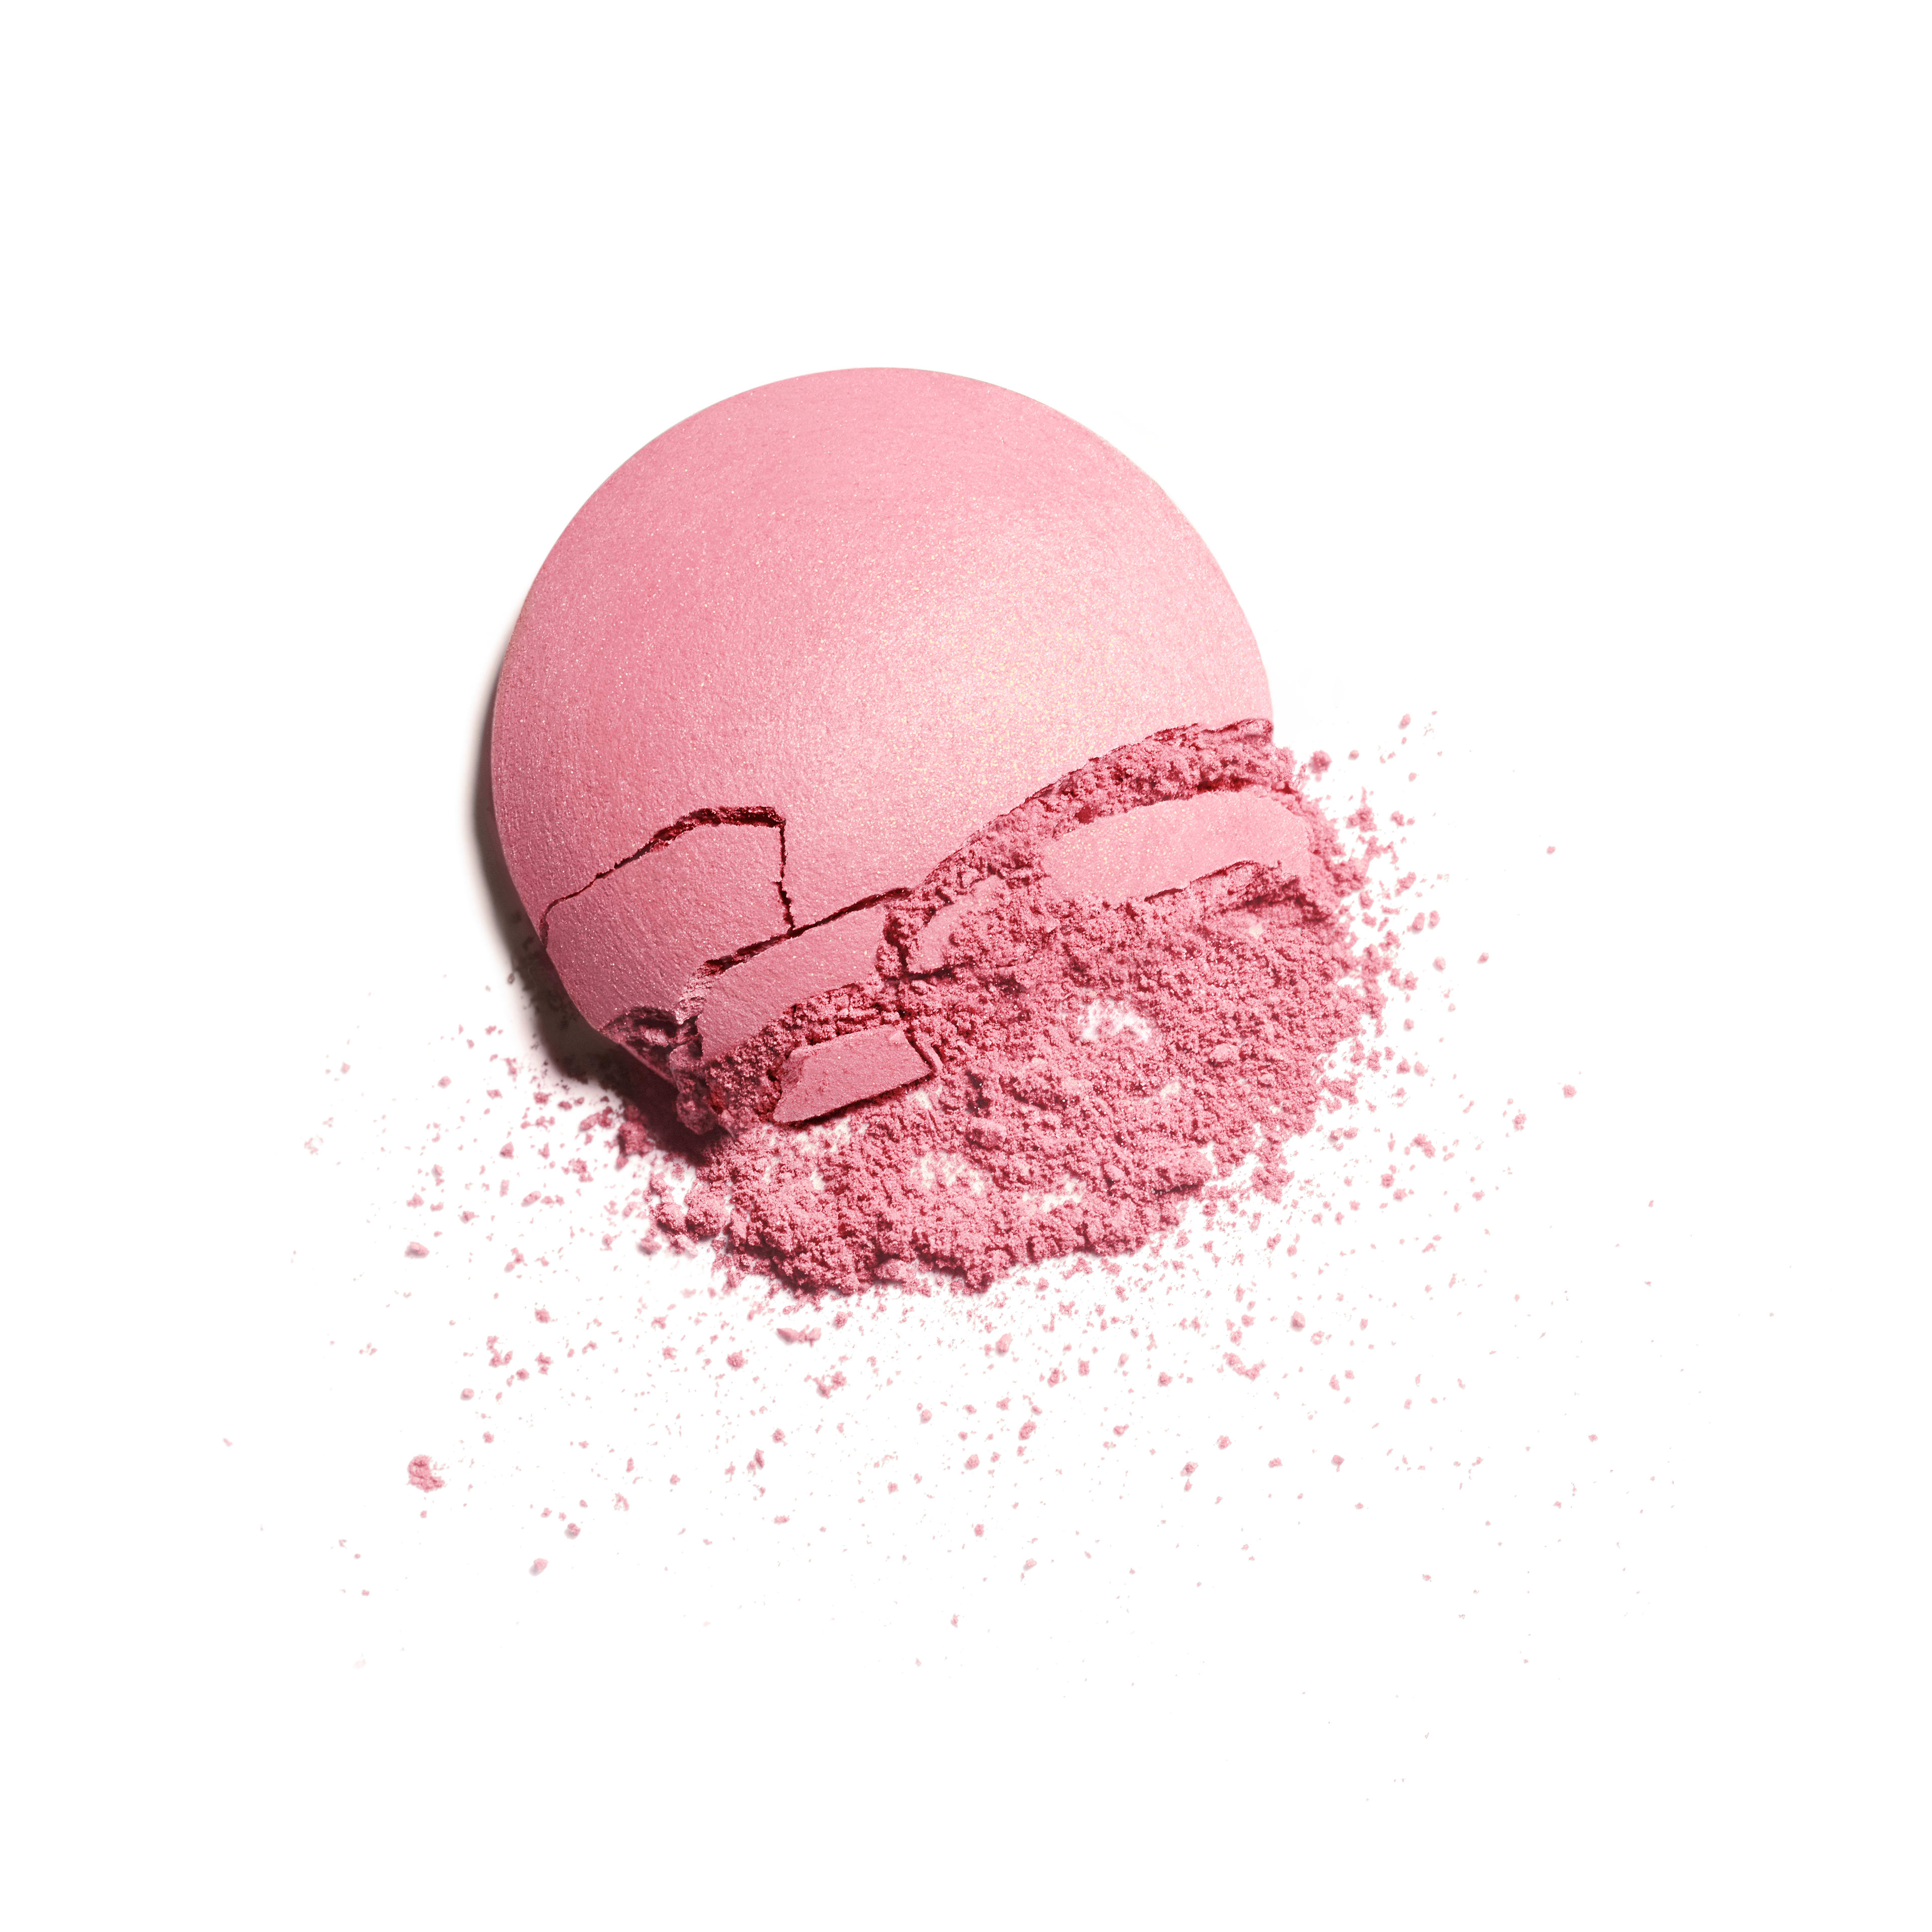 JOUES CONTRASTE - makeup - 0.21OZ. - Basic texture view